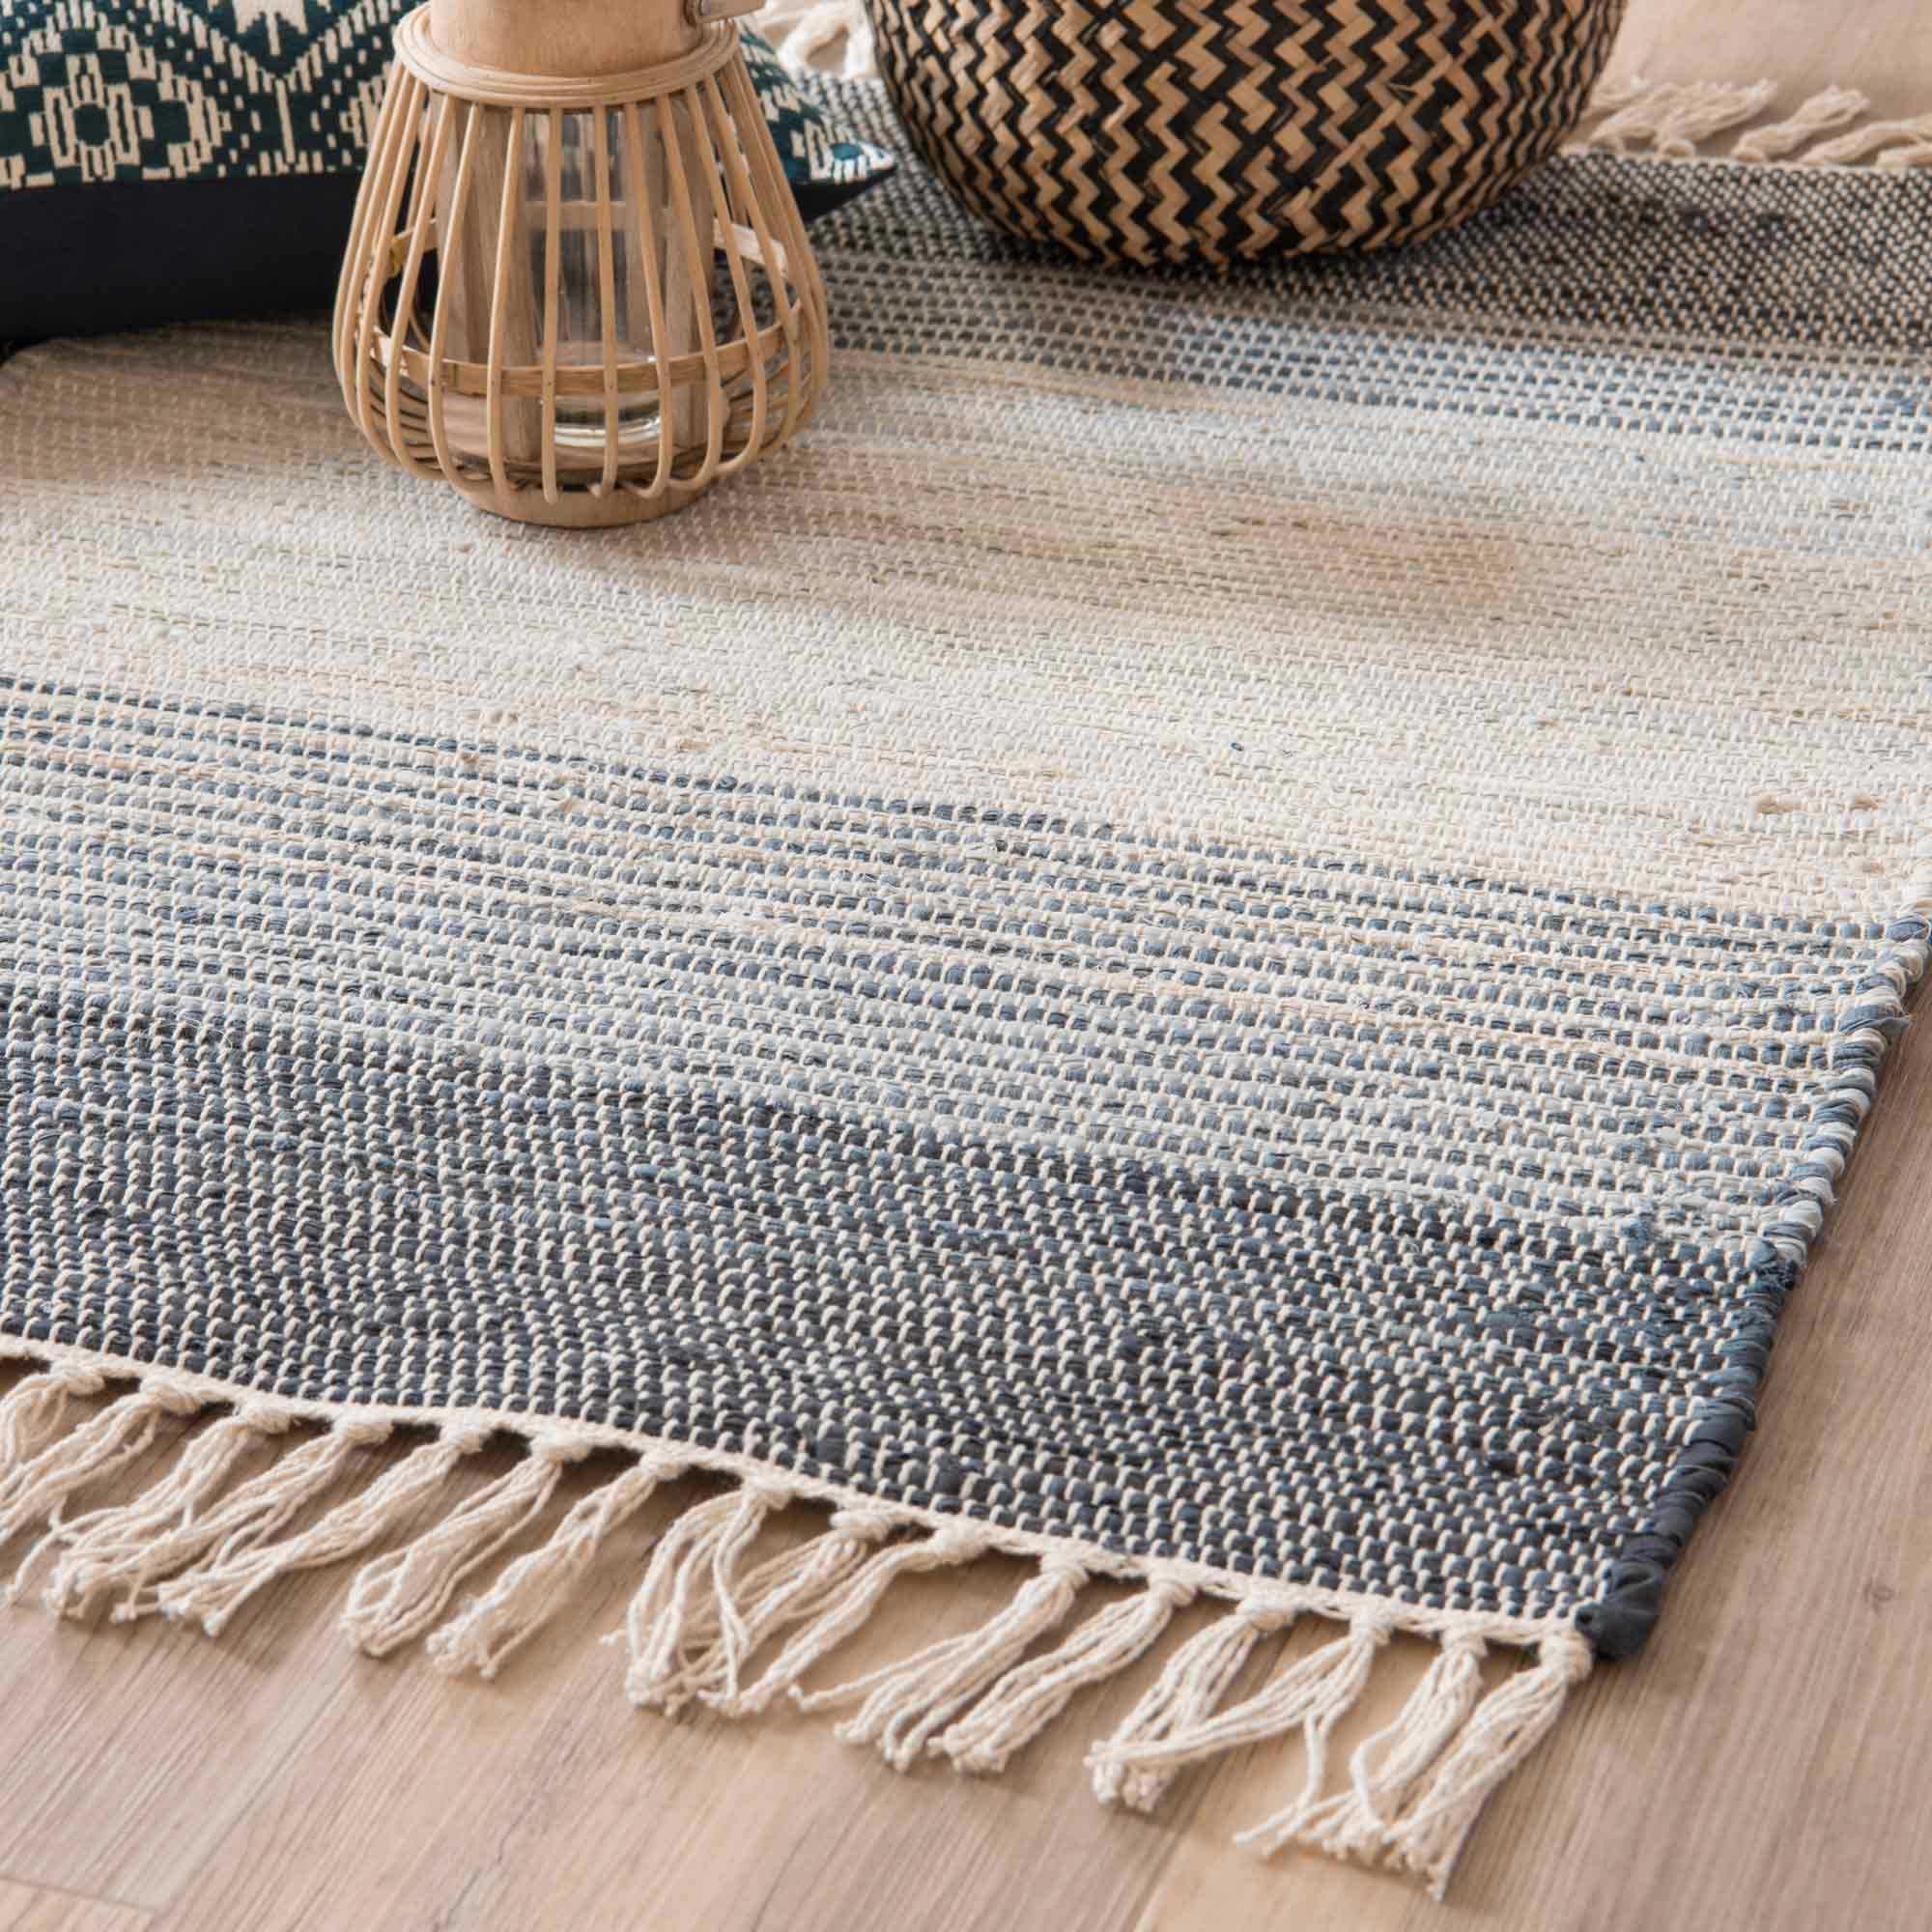 Textile En 2019 Deco Tappeto Intrecciato Tappeti Et Arredamento